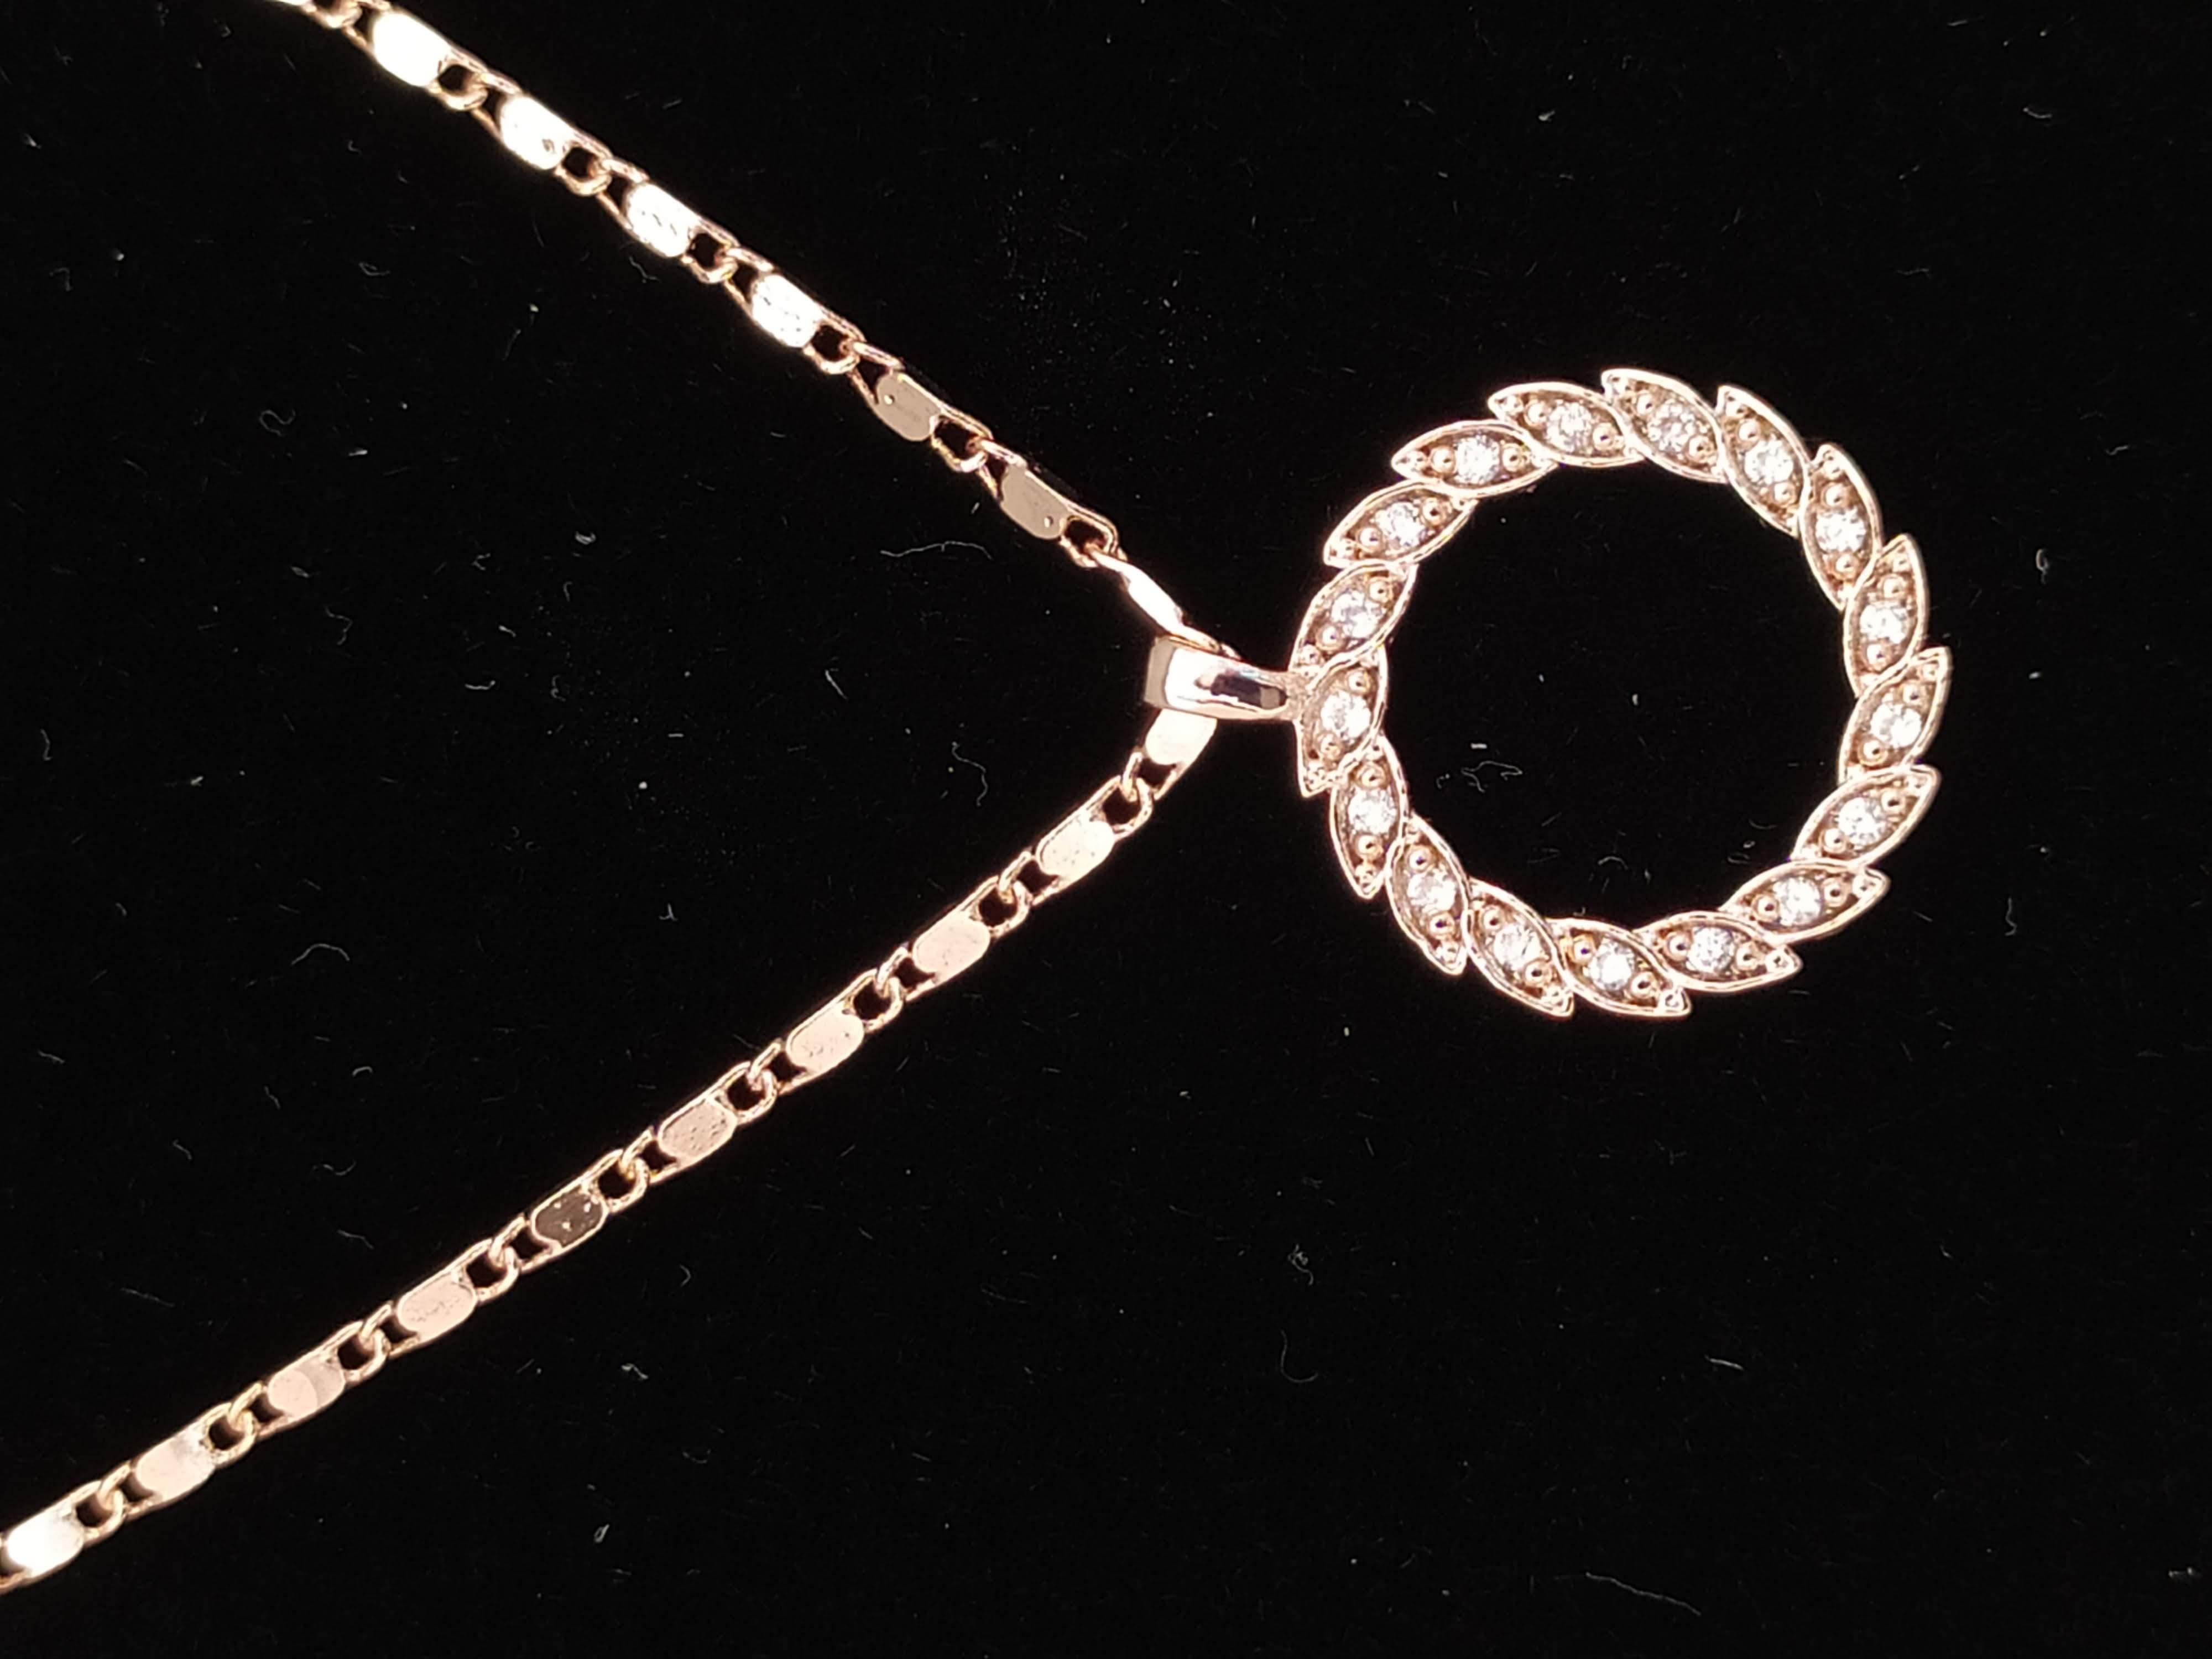 قلادة مطلية بالذهب مع الزركون الممتاز. لا يسبب الحساسية ، لا تغميق / Gold plated necklace with premium zircon. does not cause allergies, does not darken_11